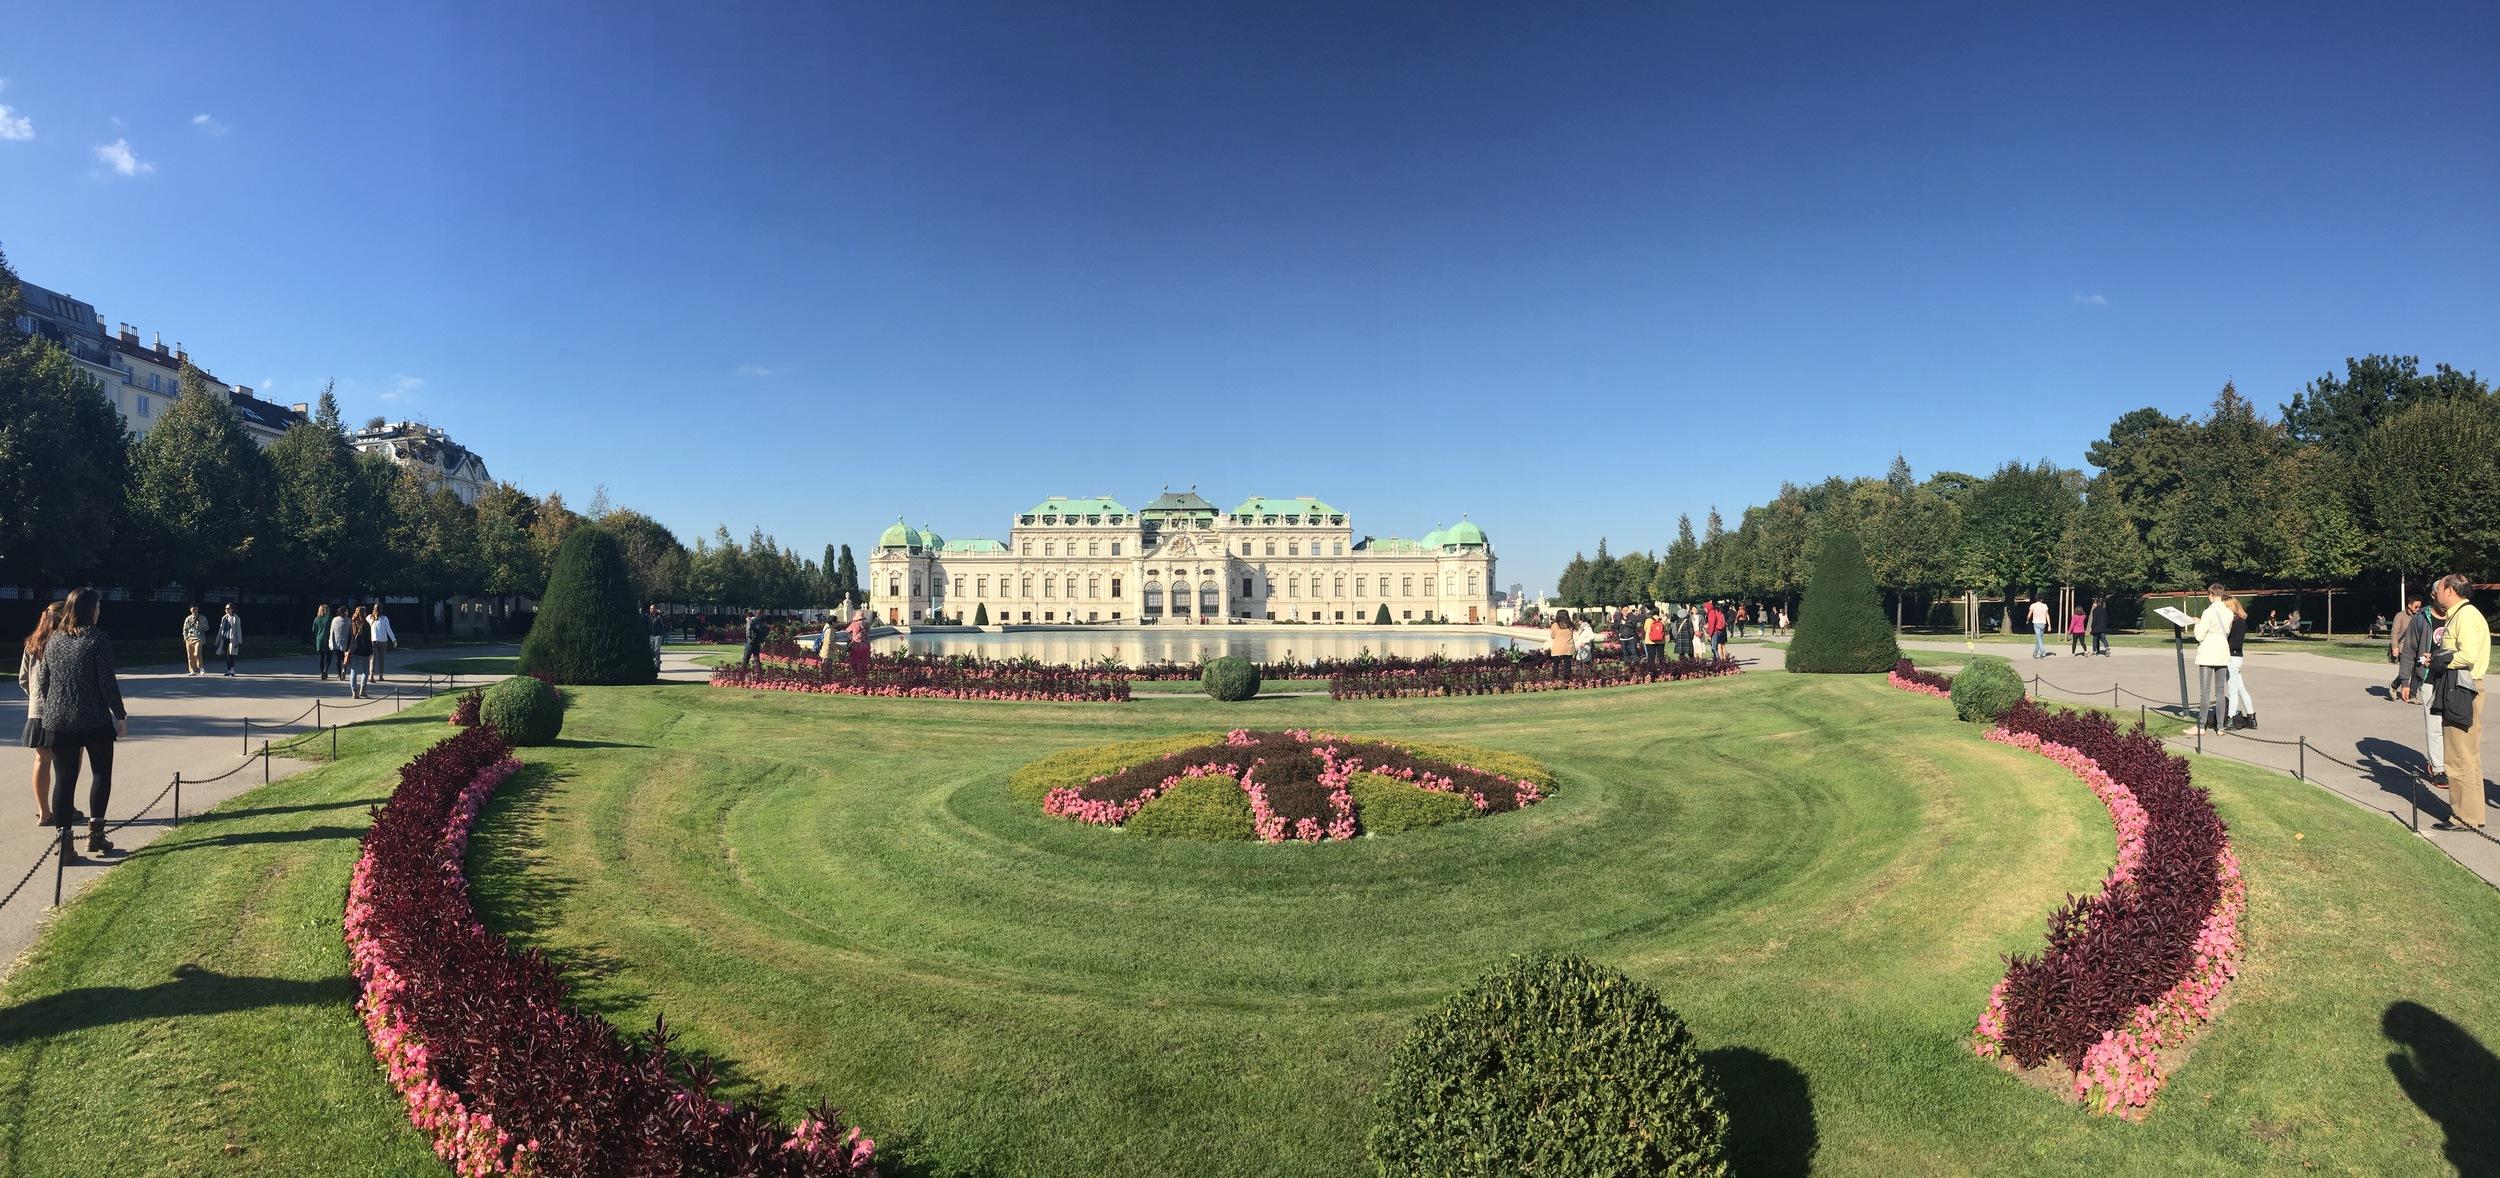 Schönnbrunn Palace, Vienna, Austria, by Molly McSweyen